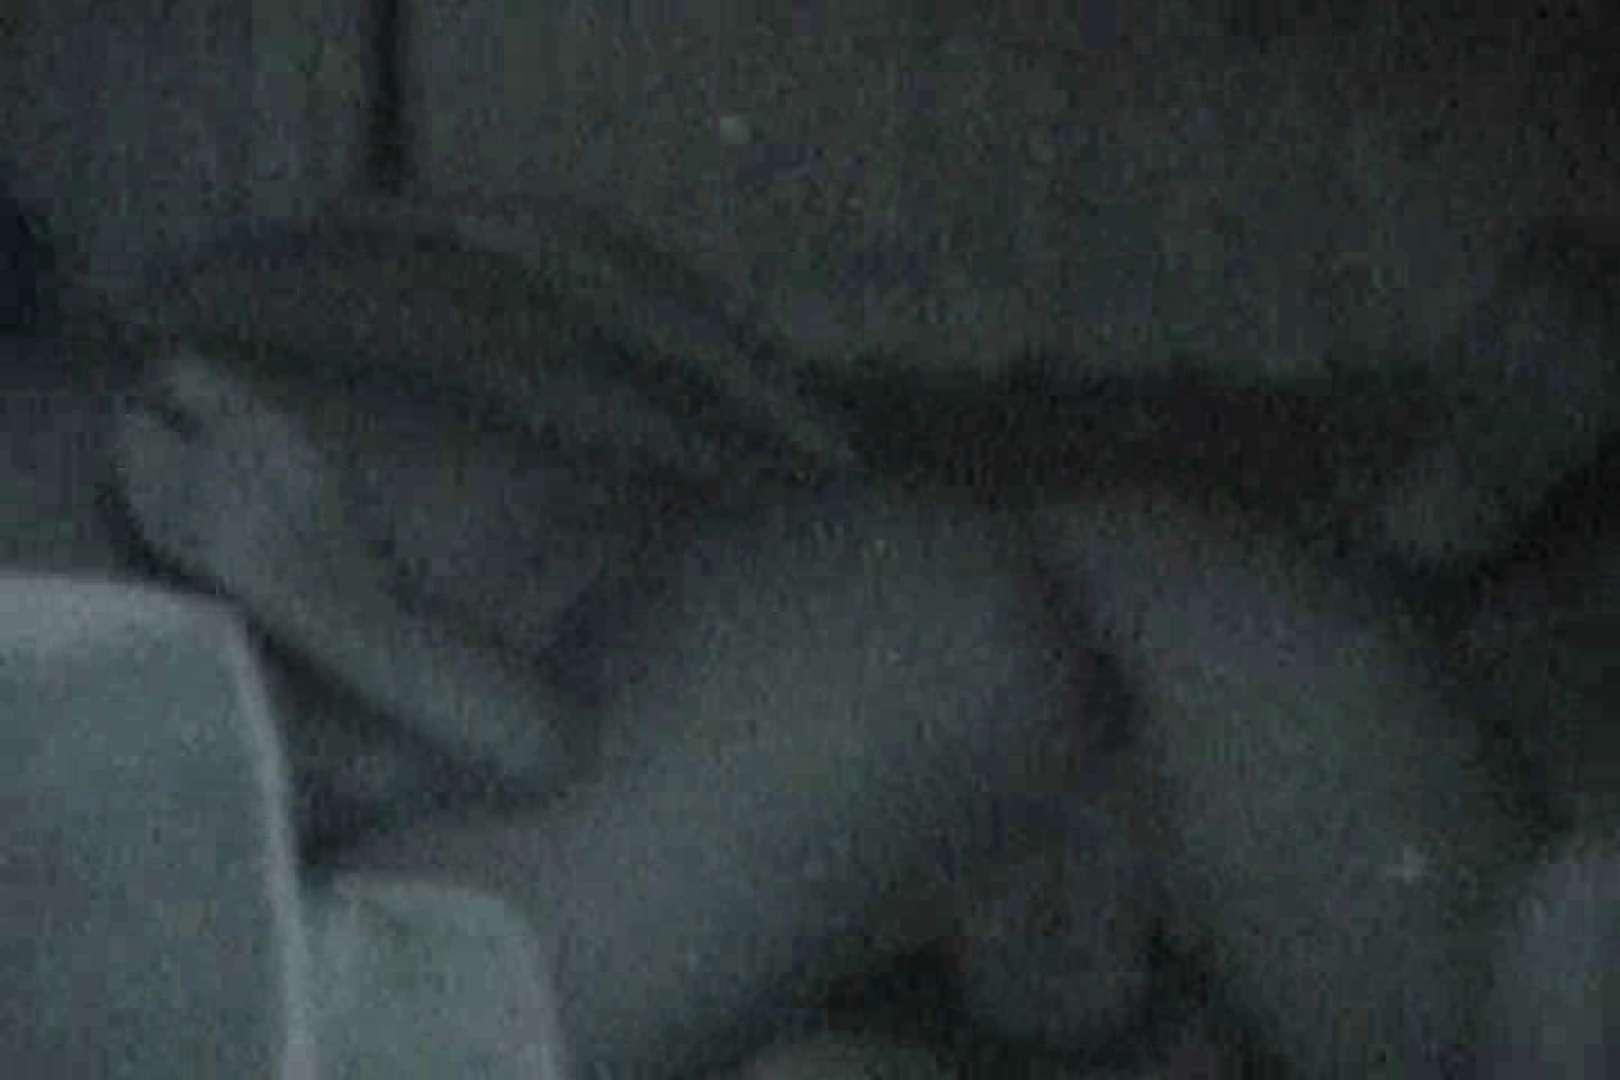 充血監督の深夜の運動会Vol.24 フェラ スケベ動画紹介 57PIX 11